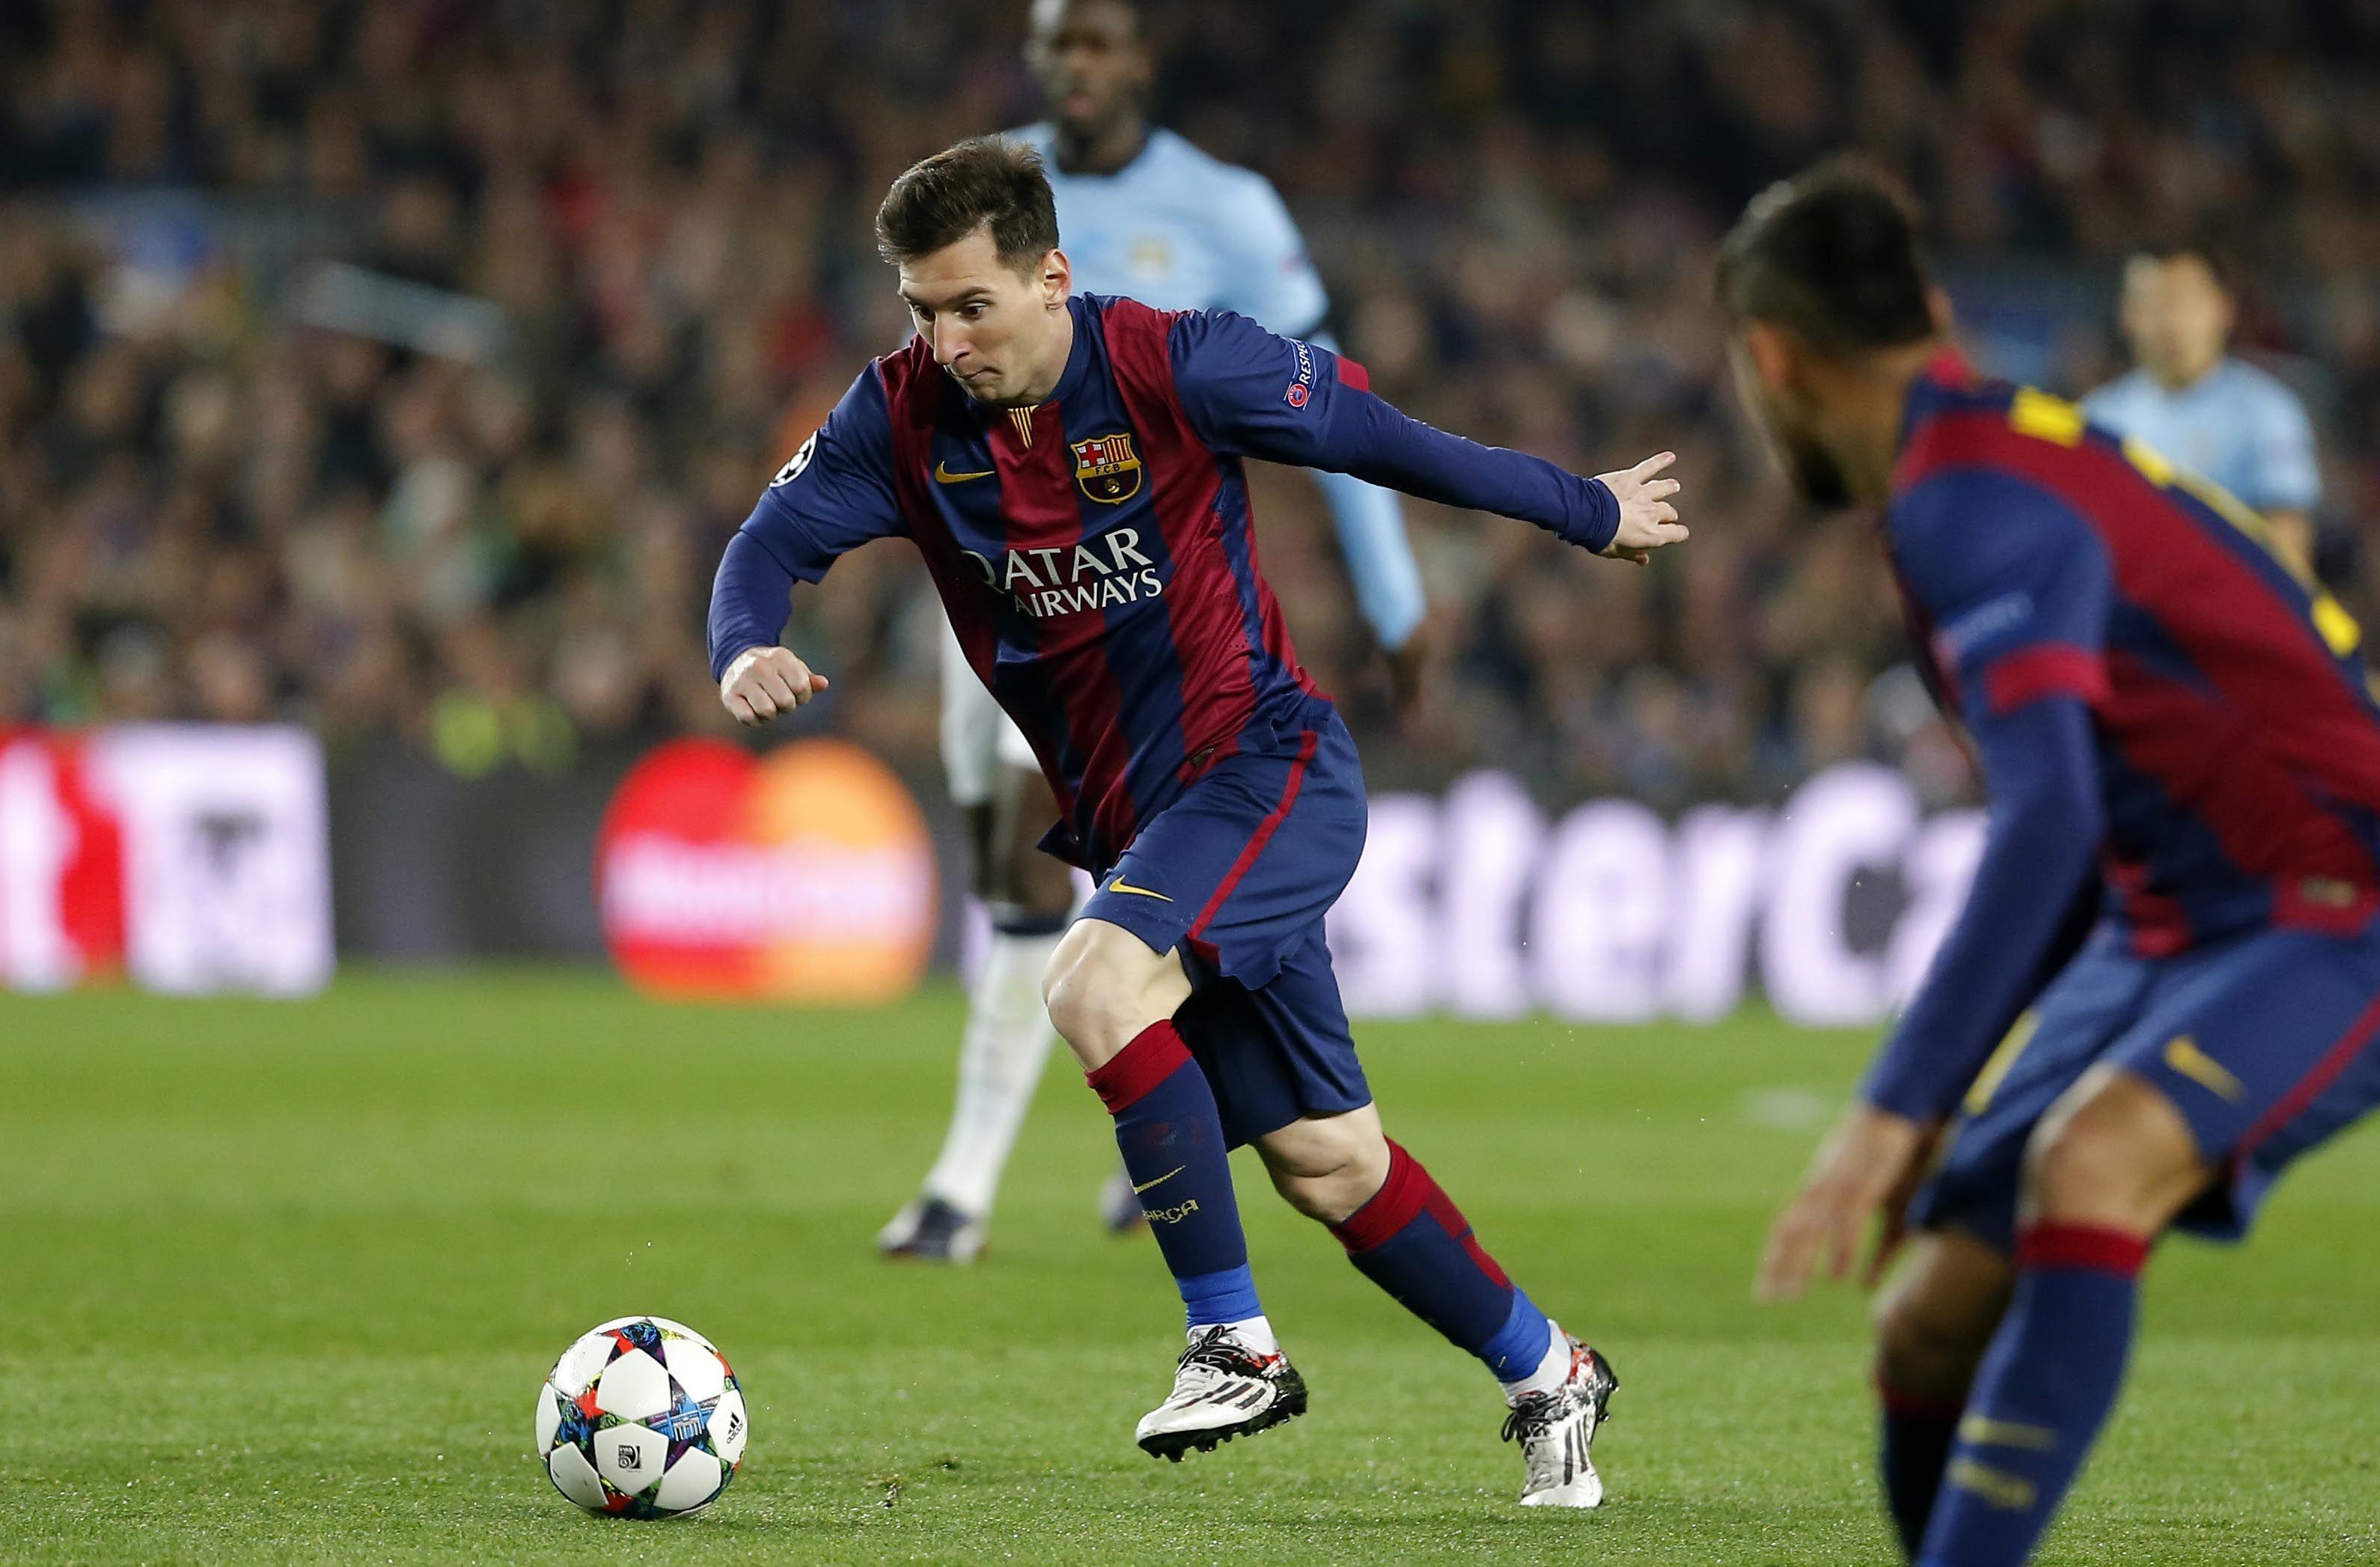 Catorce goles anotaron entre Messi (8) y Tevez (6) en esta edición de la Liga  de Campeones.